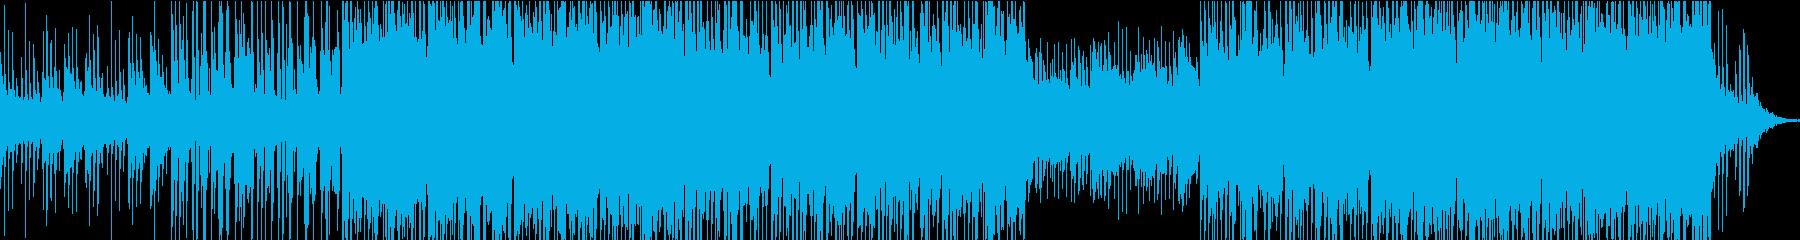 映像やイベントに、クールなシンセサウンドの再生済みの波形